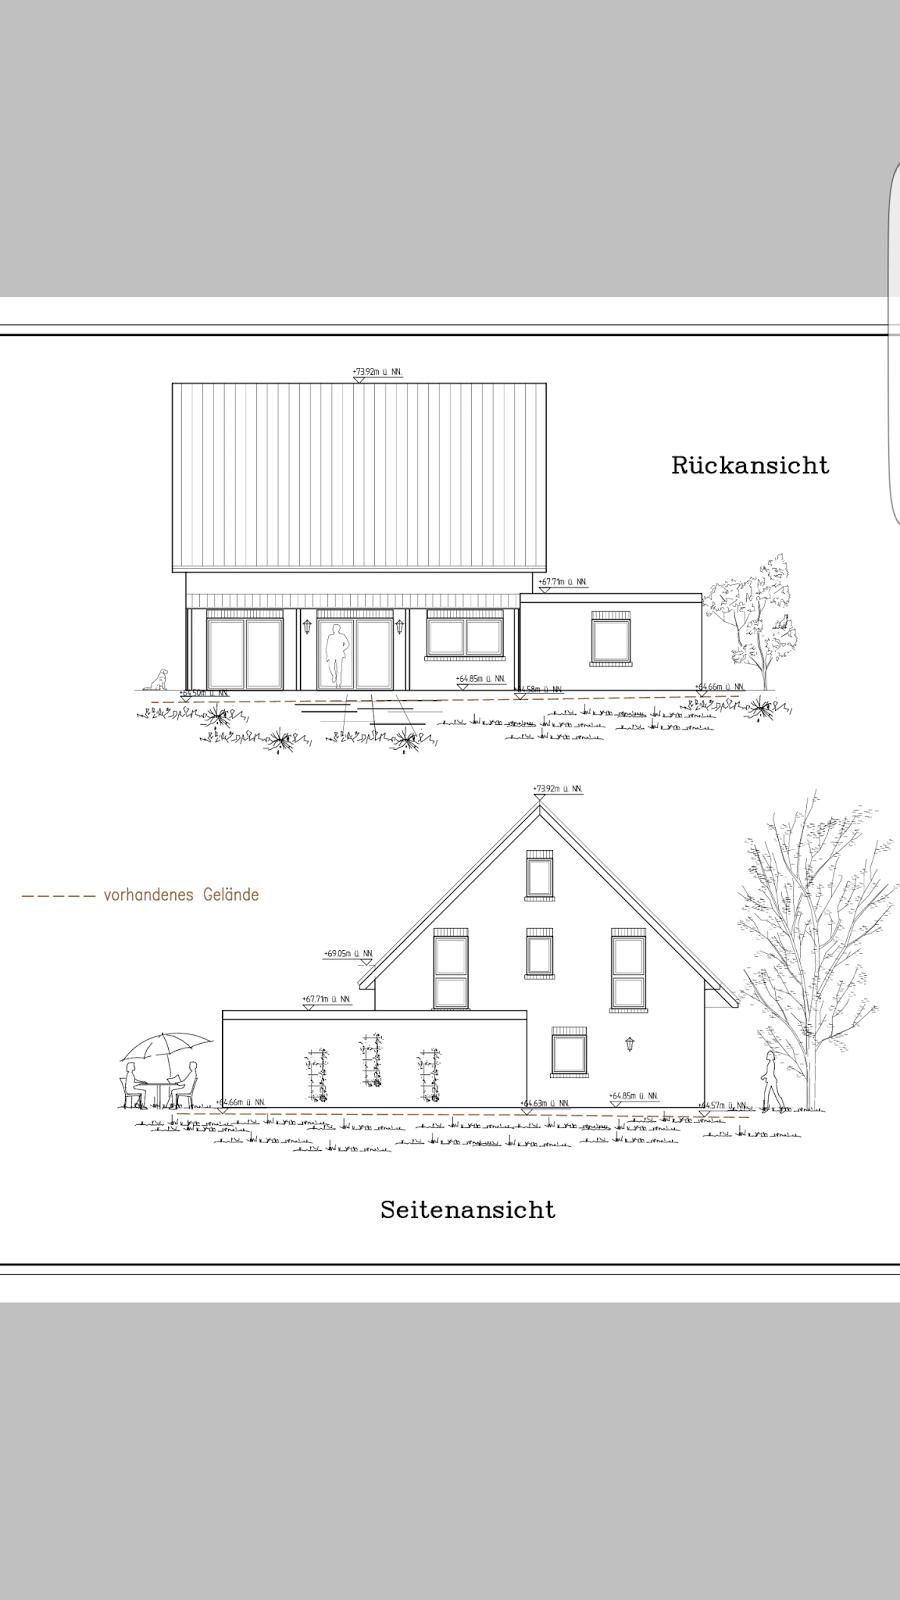 die 4 adler bauen in nrw ansichten des hauses und grundrisse. Black Bedroom Furniture Sets. Home Design Ideas